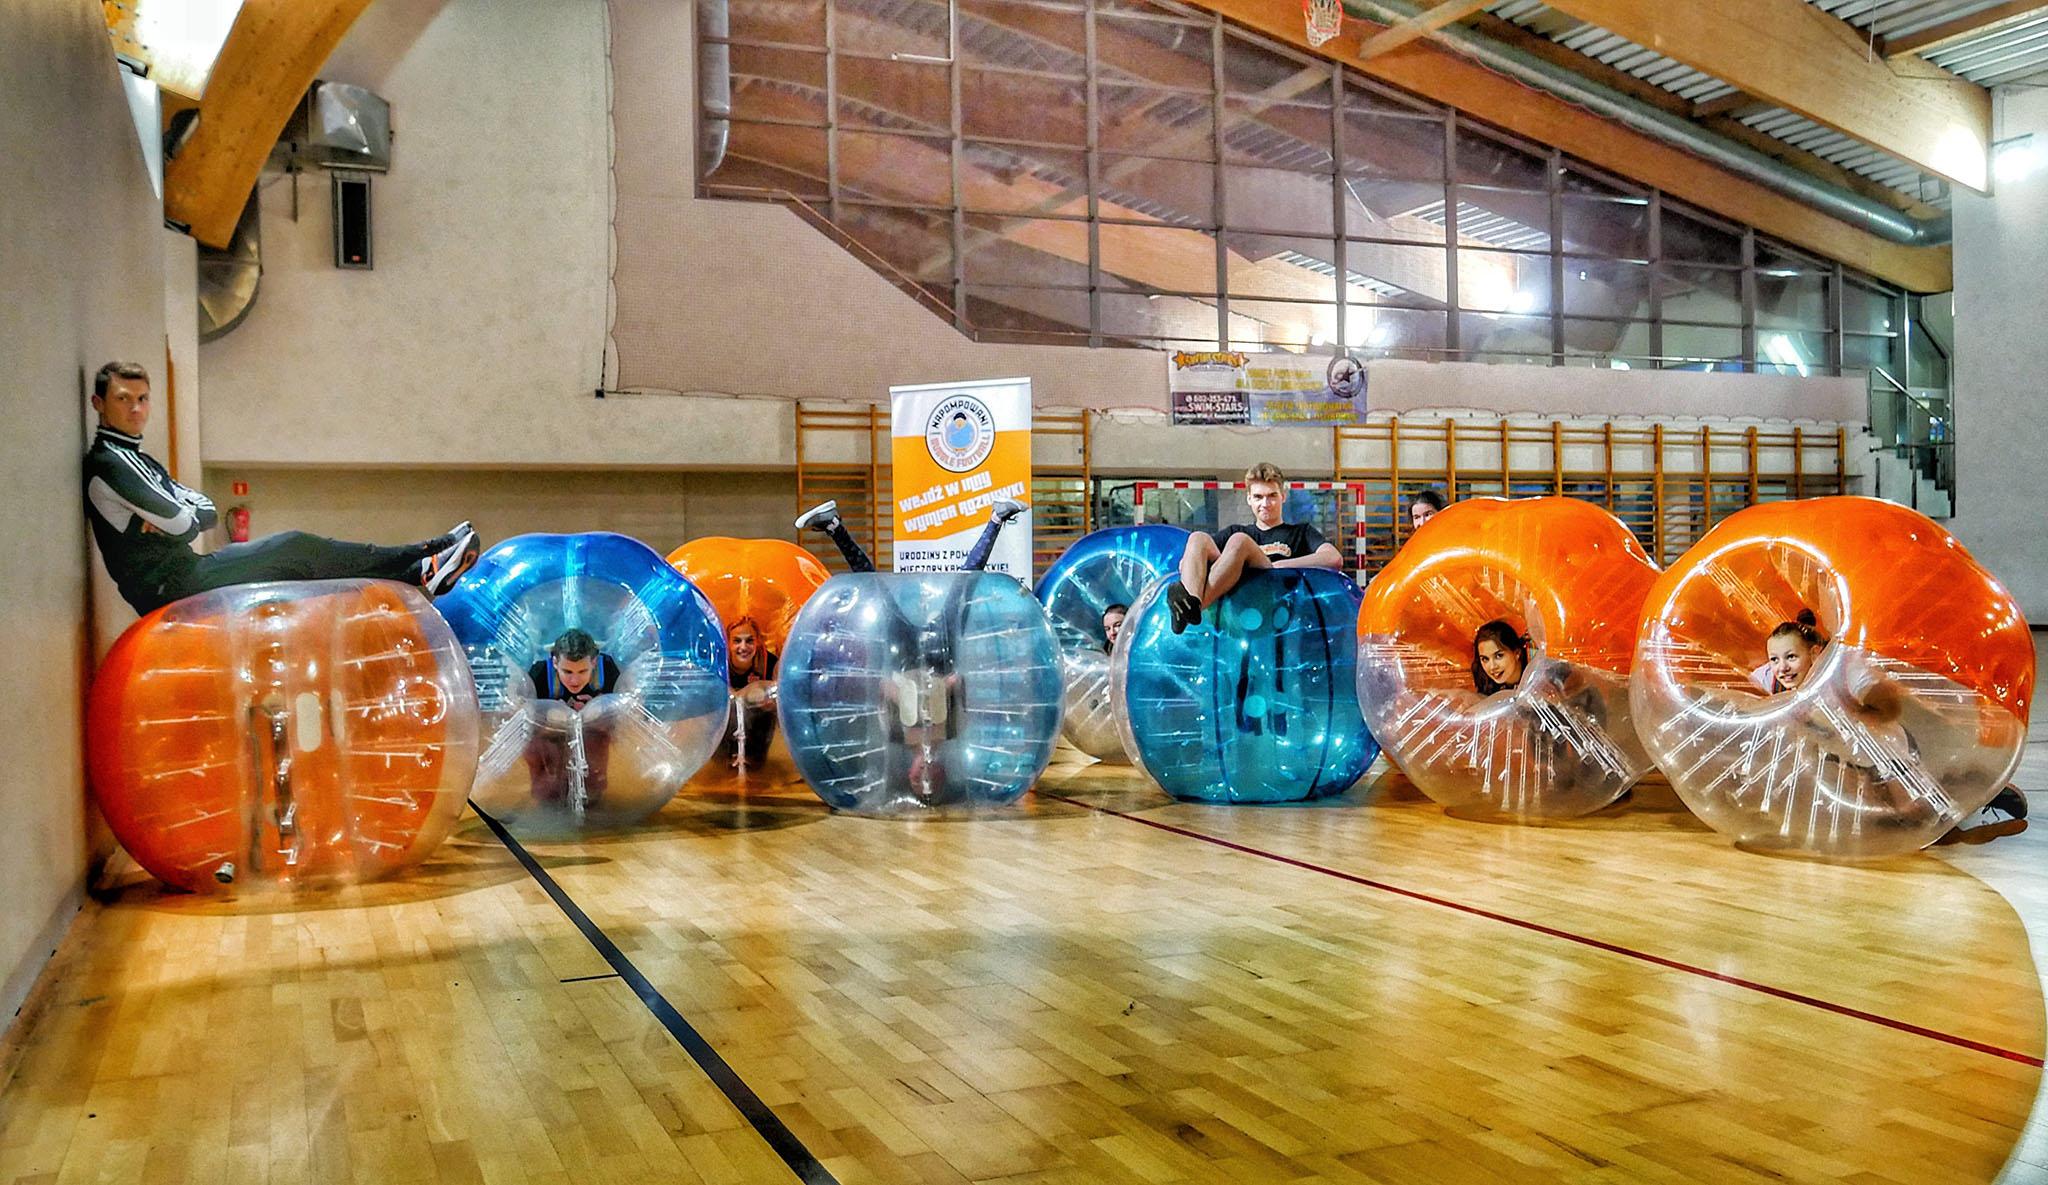 Dzieci w pomarańczowych i niebieskich kulach Bubble Football z trenerem